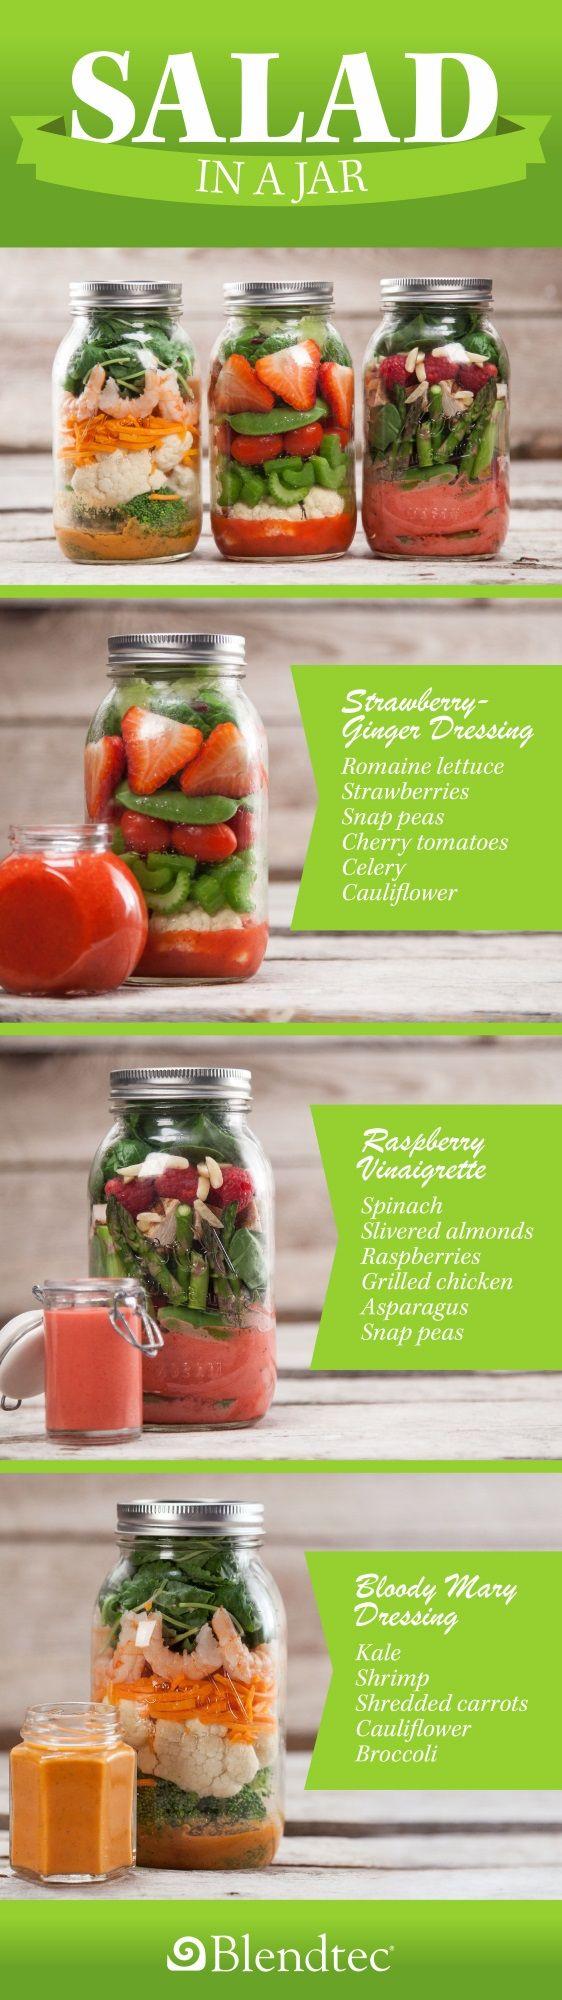 Salad in a Jar - 3 Blender Dressings